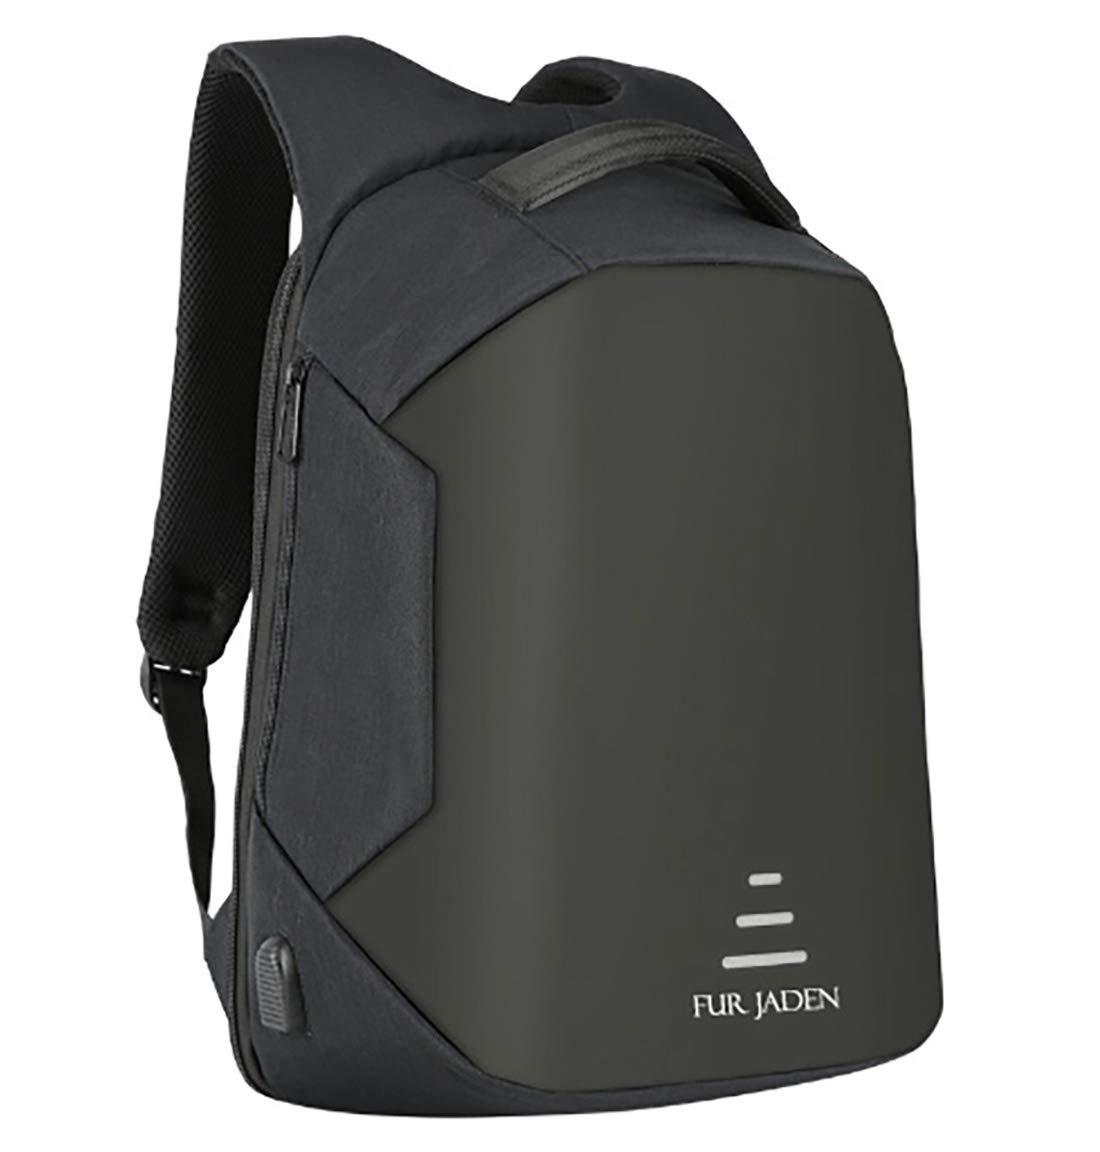 Fur Jaden 20 Ltrs Black Anti Theft Waterproof Backpack